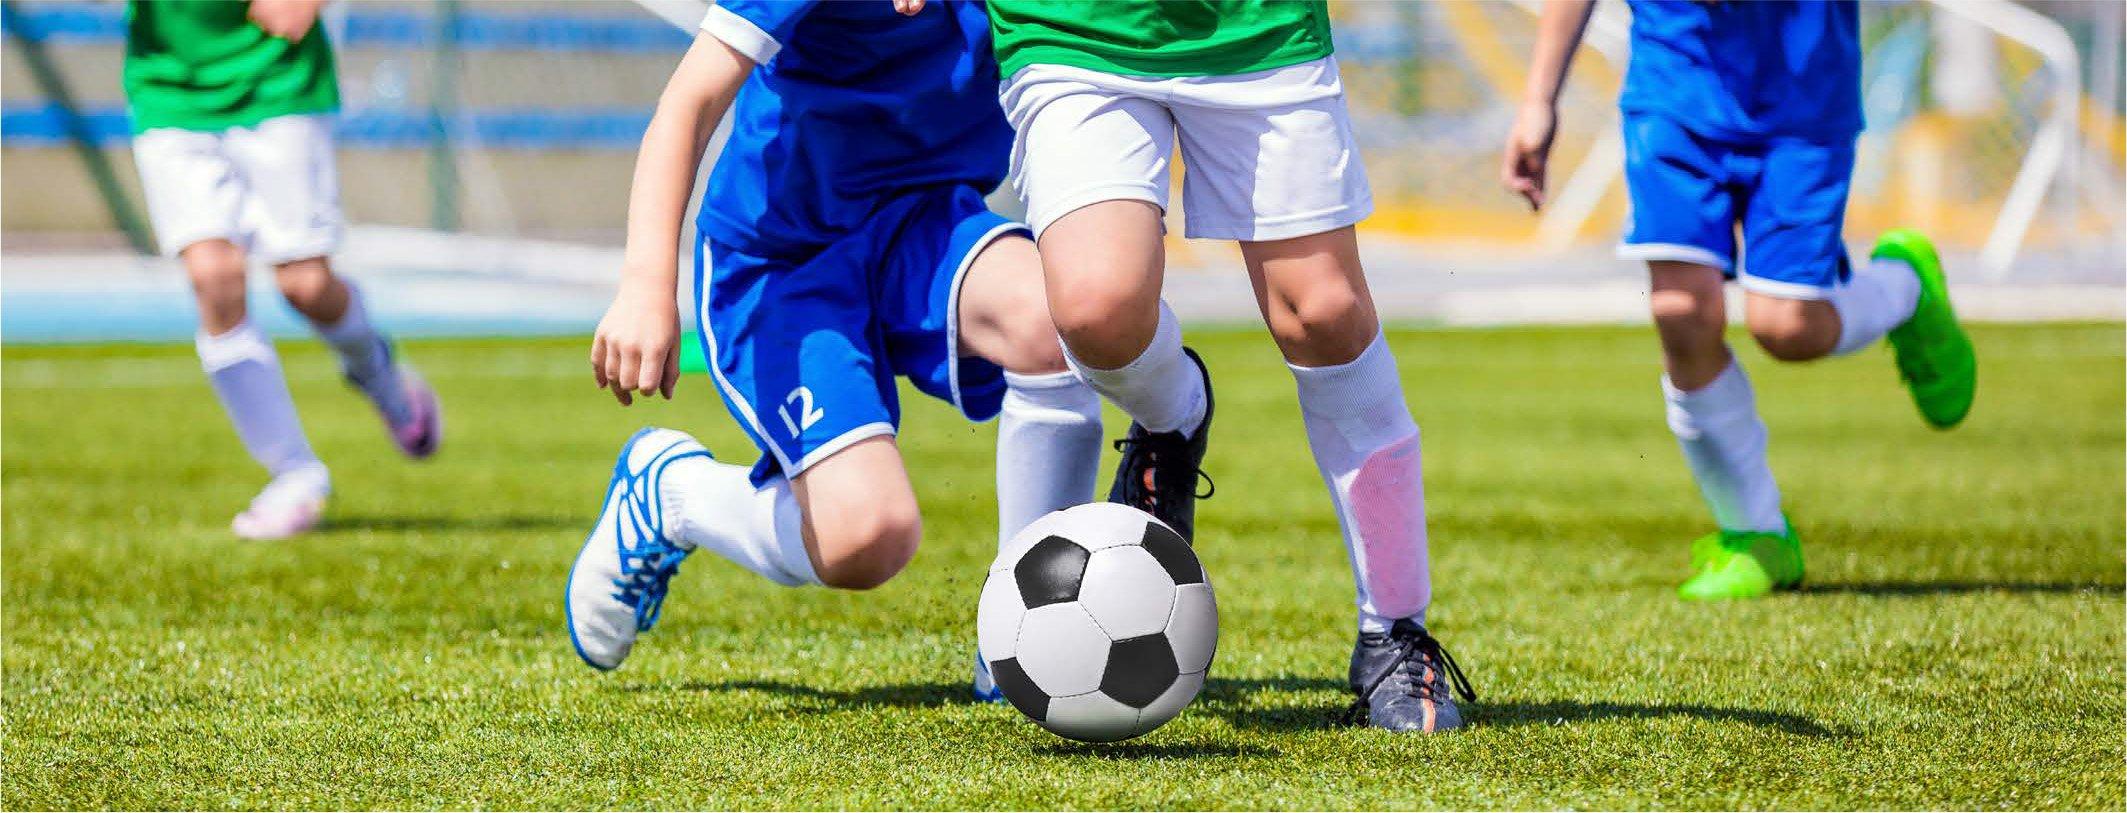 Мини-футбол - изображение